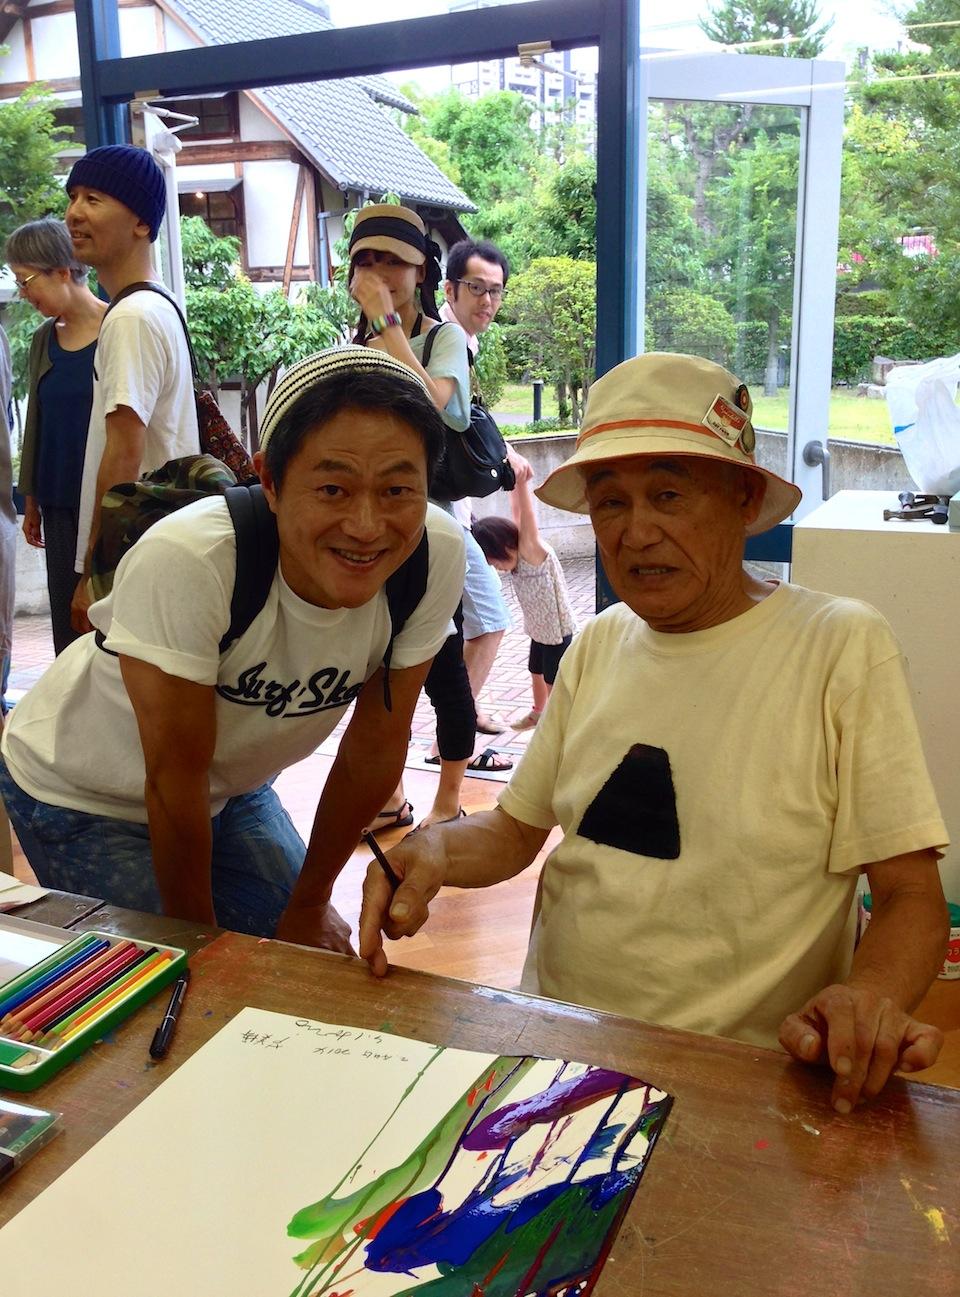 堀尾先生と記念写真。 サインをもらって、更に良い作品になりました!